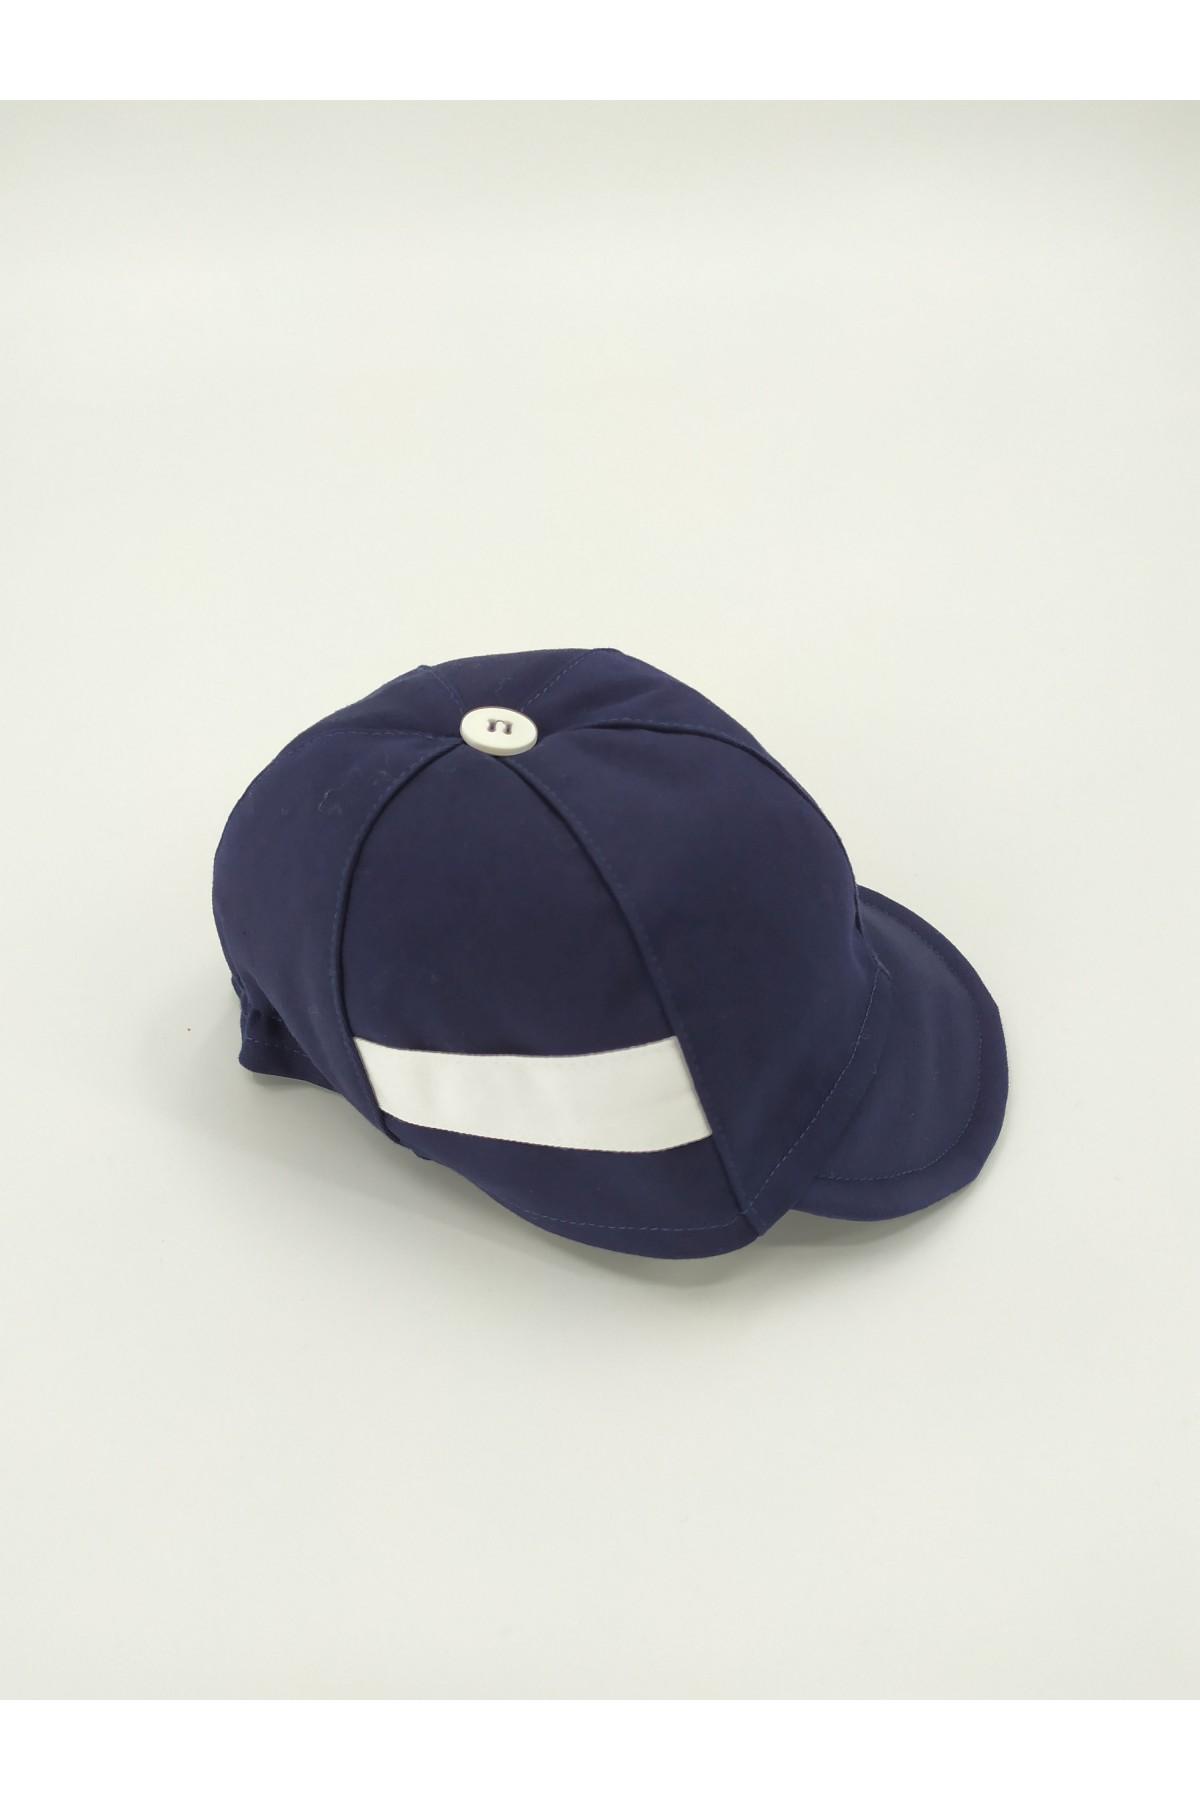 Καπέλο βάπτισης jockey μπλε με λευκή φάσα